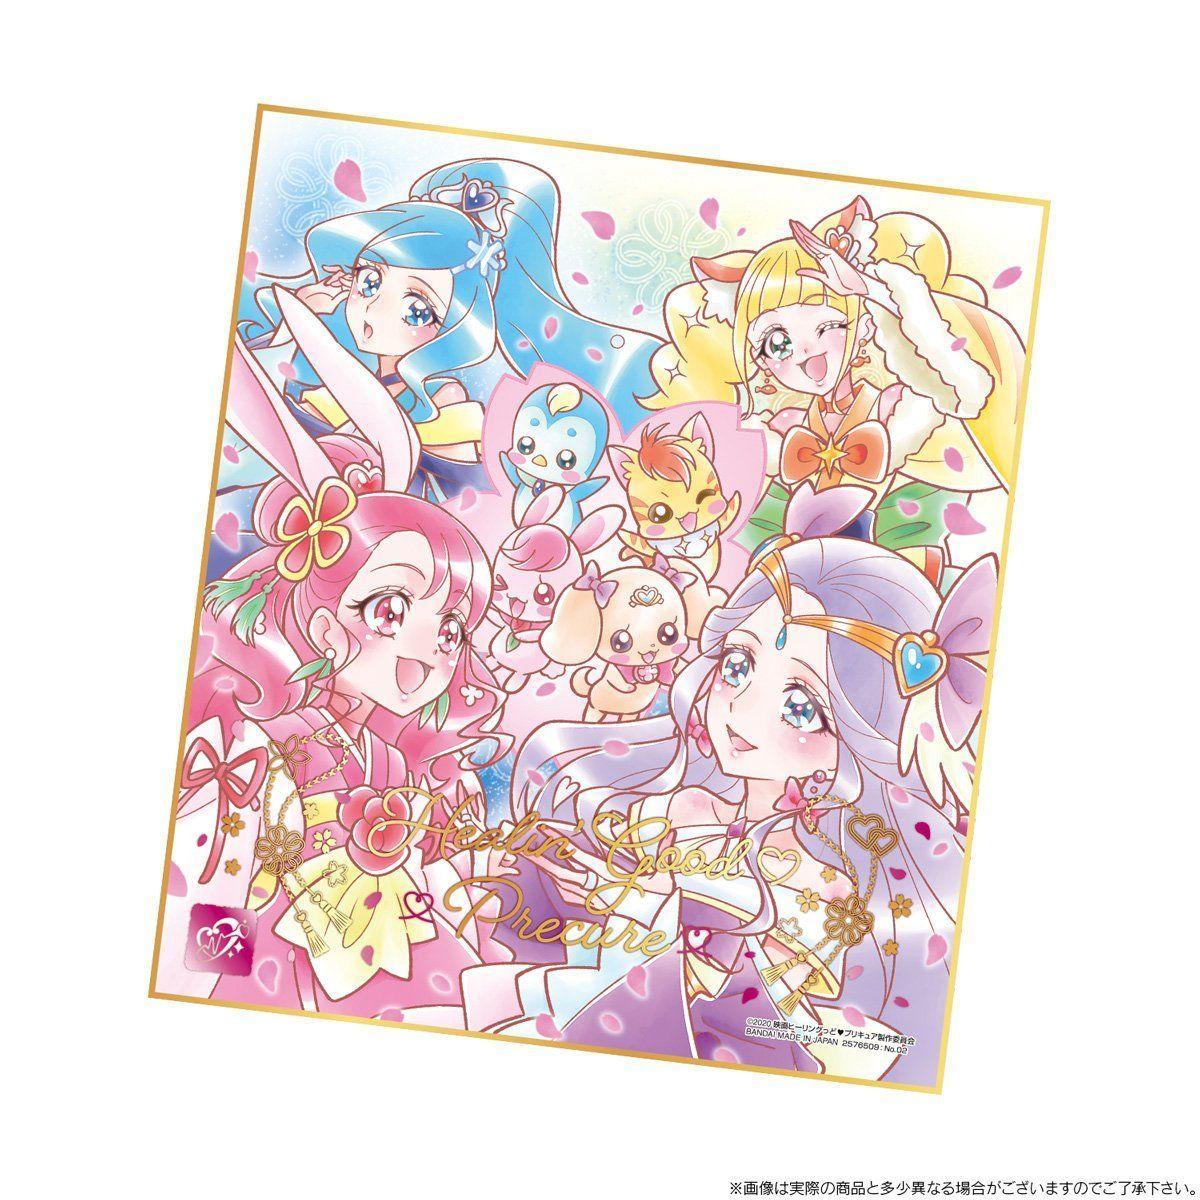 プリキュア色紙ART メモリアルセット−Second−【プレミアムバンダイ限定】_2